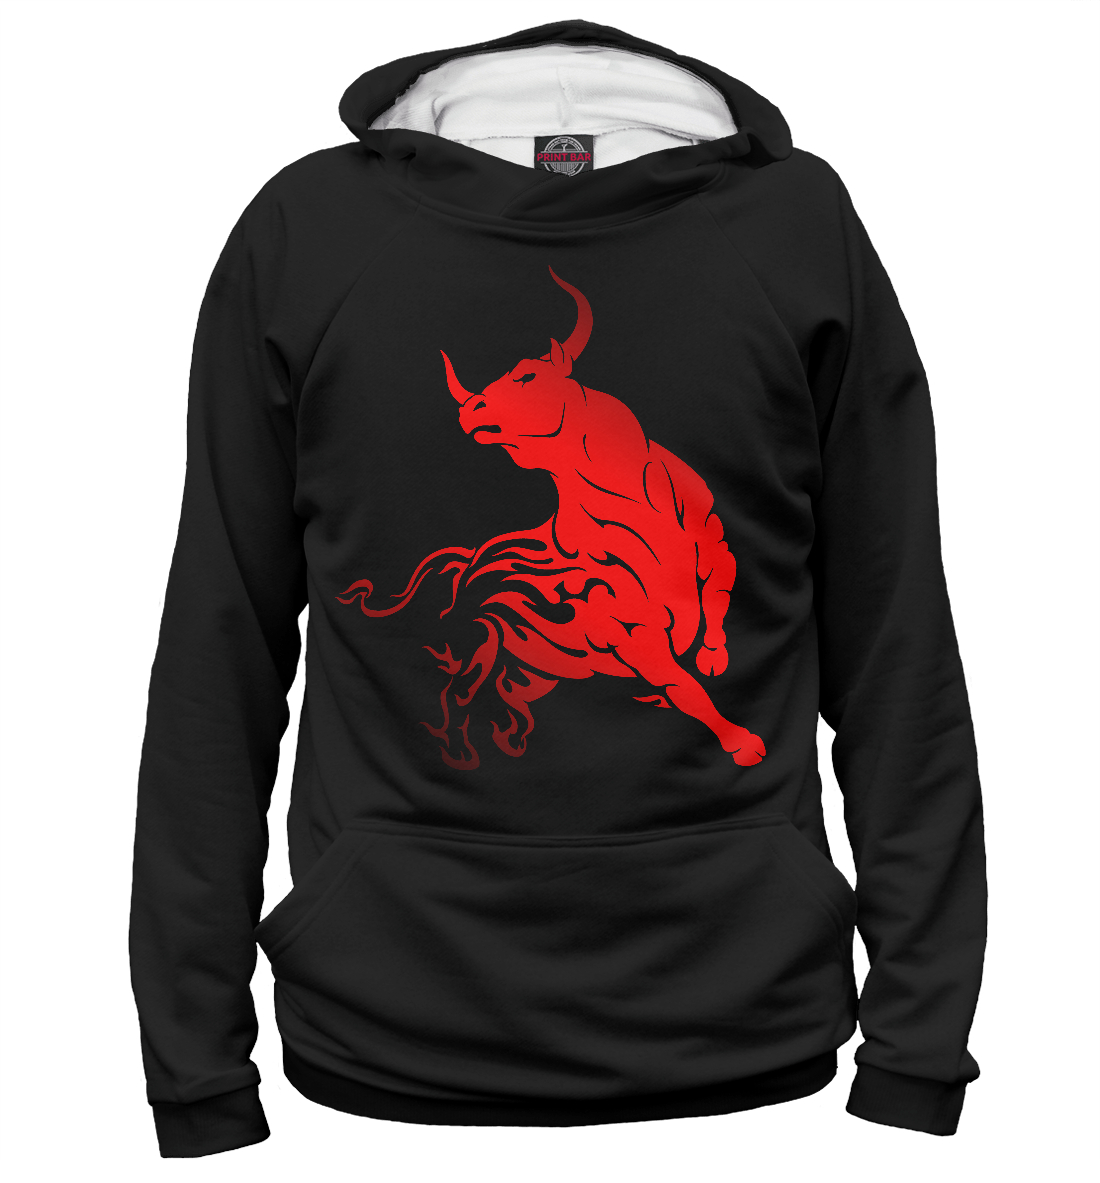 Купить Red Bull, Printbar, Худи, ZIR-381505-hud-2